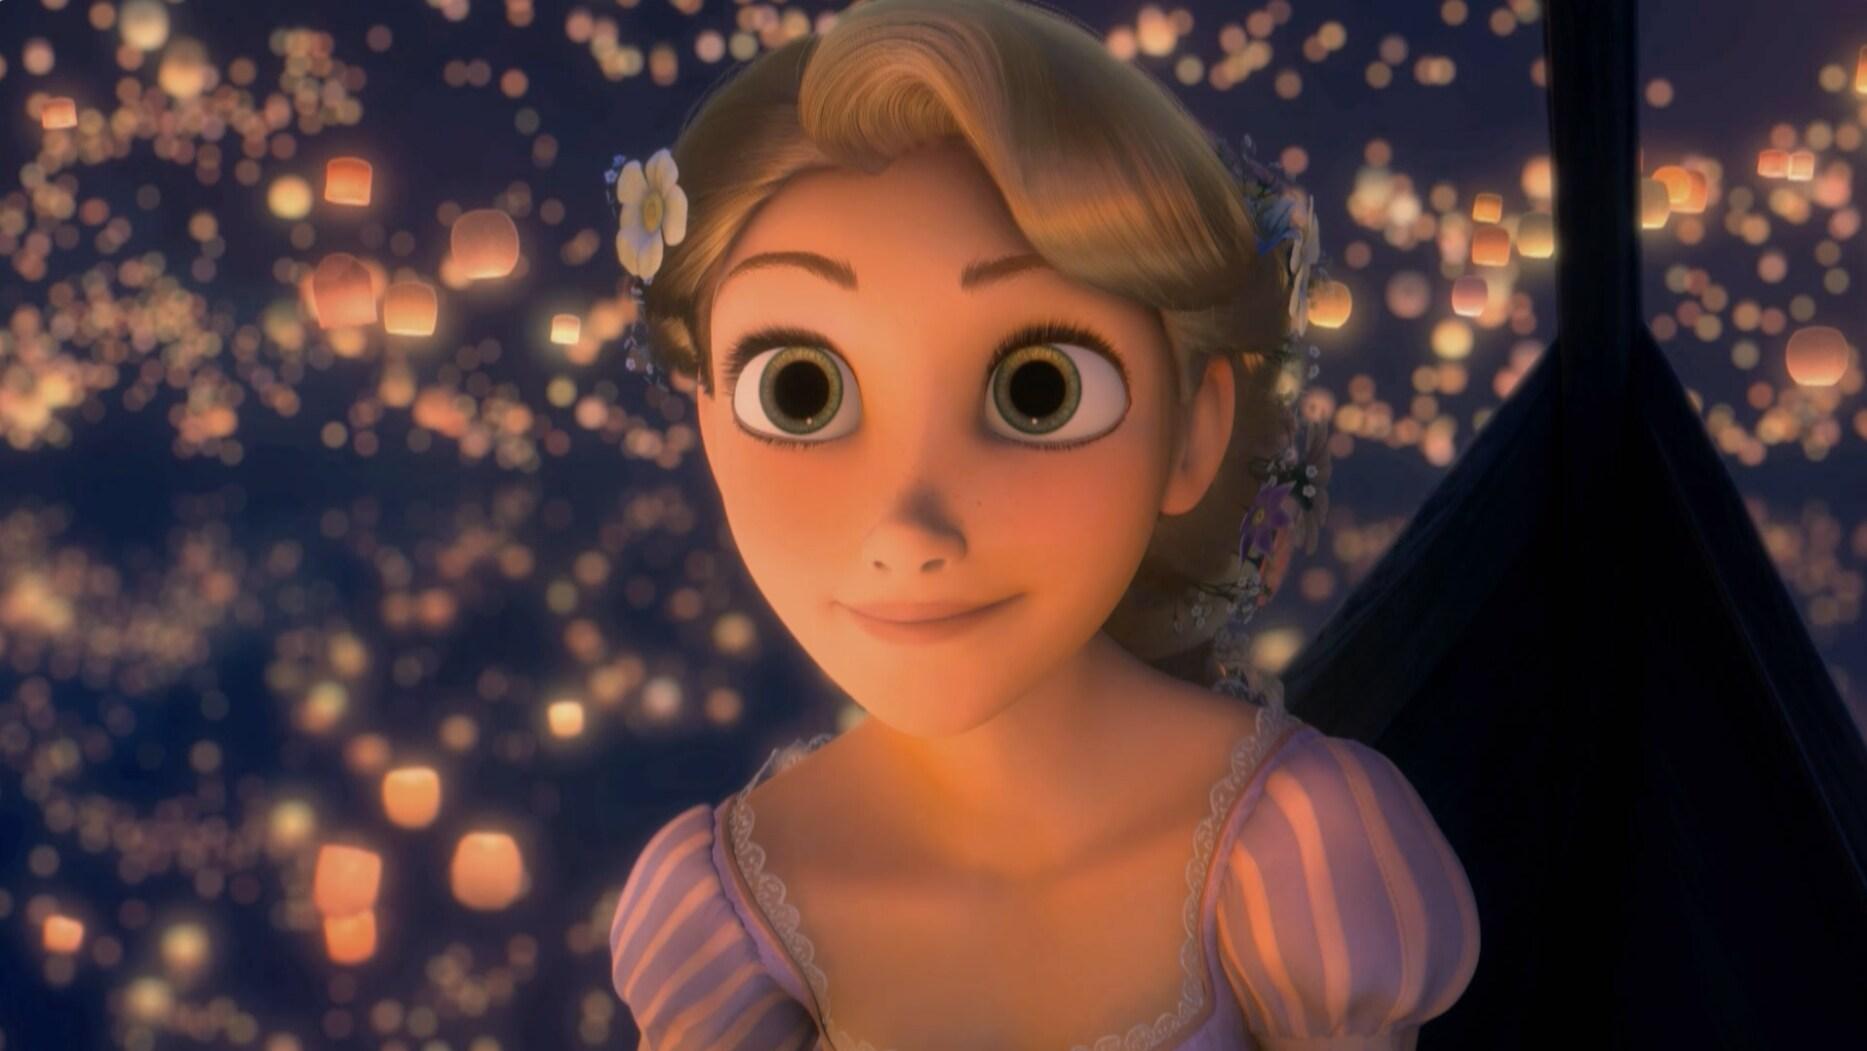 Yo Sueño - Soy princesa siendo yo